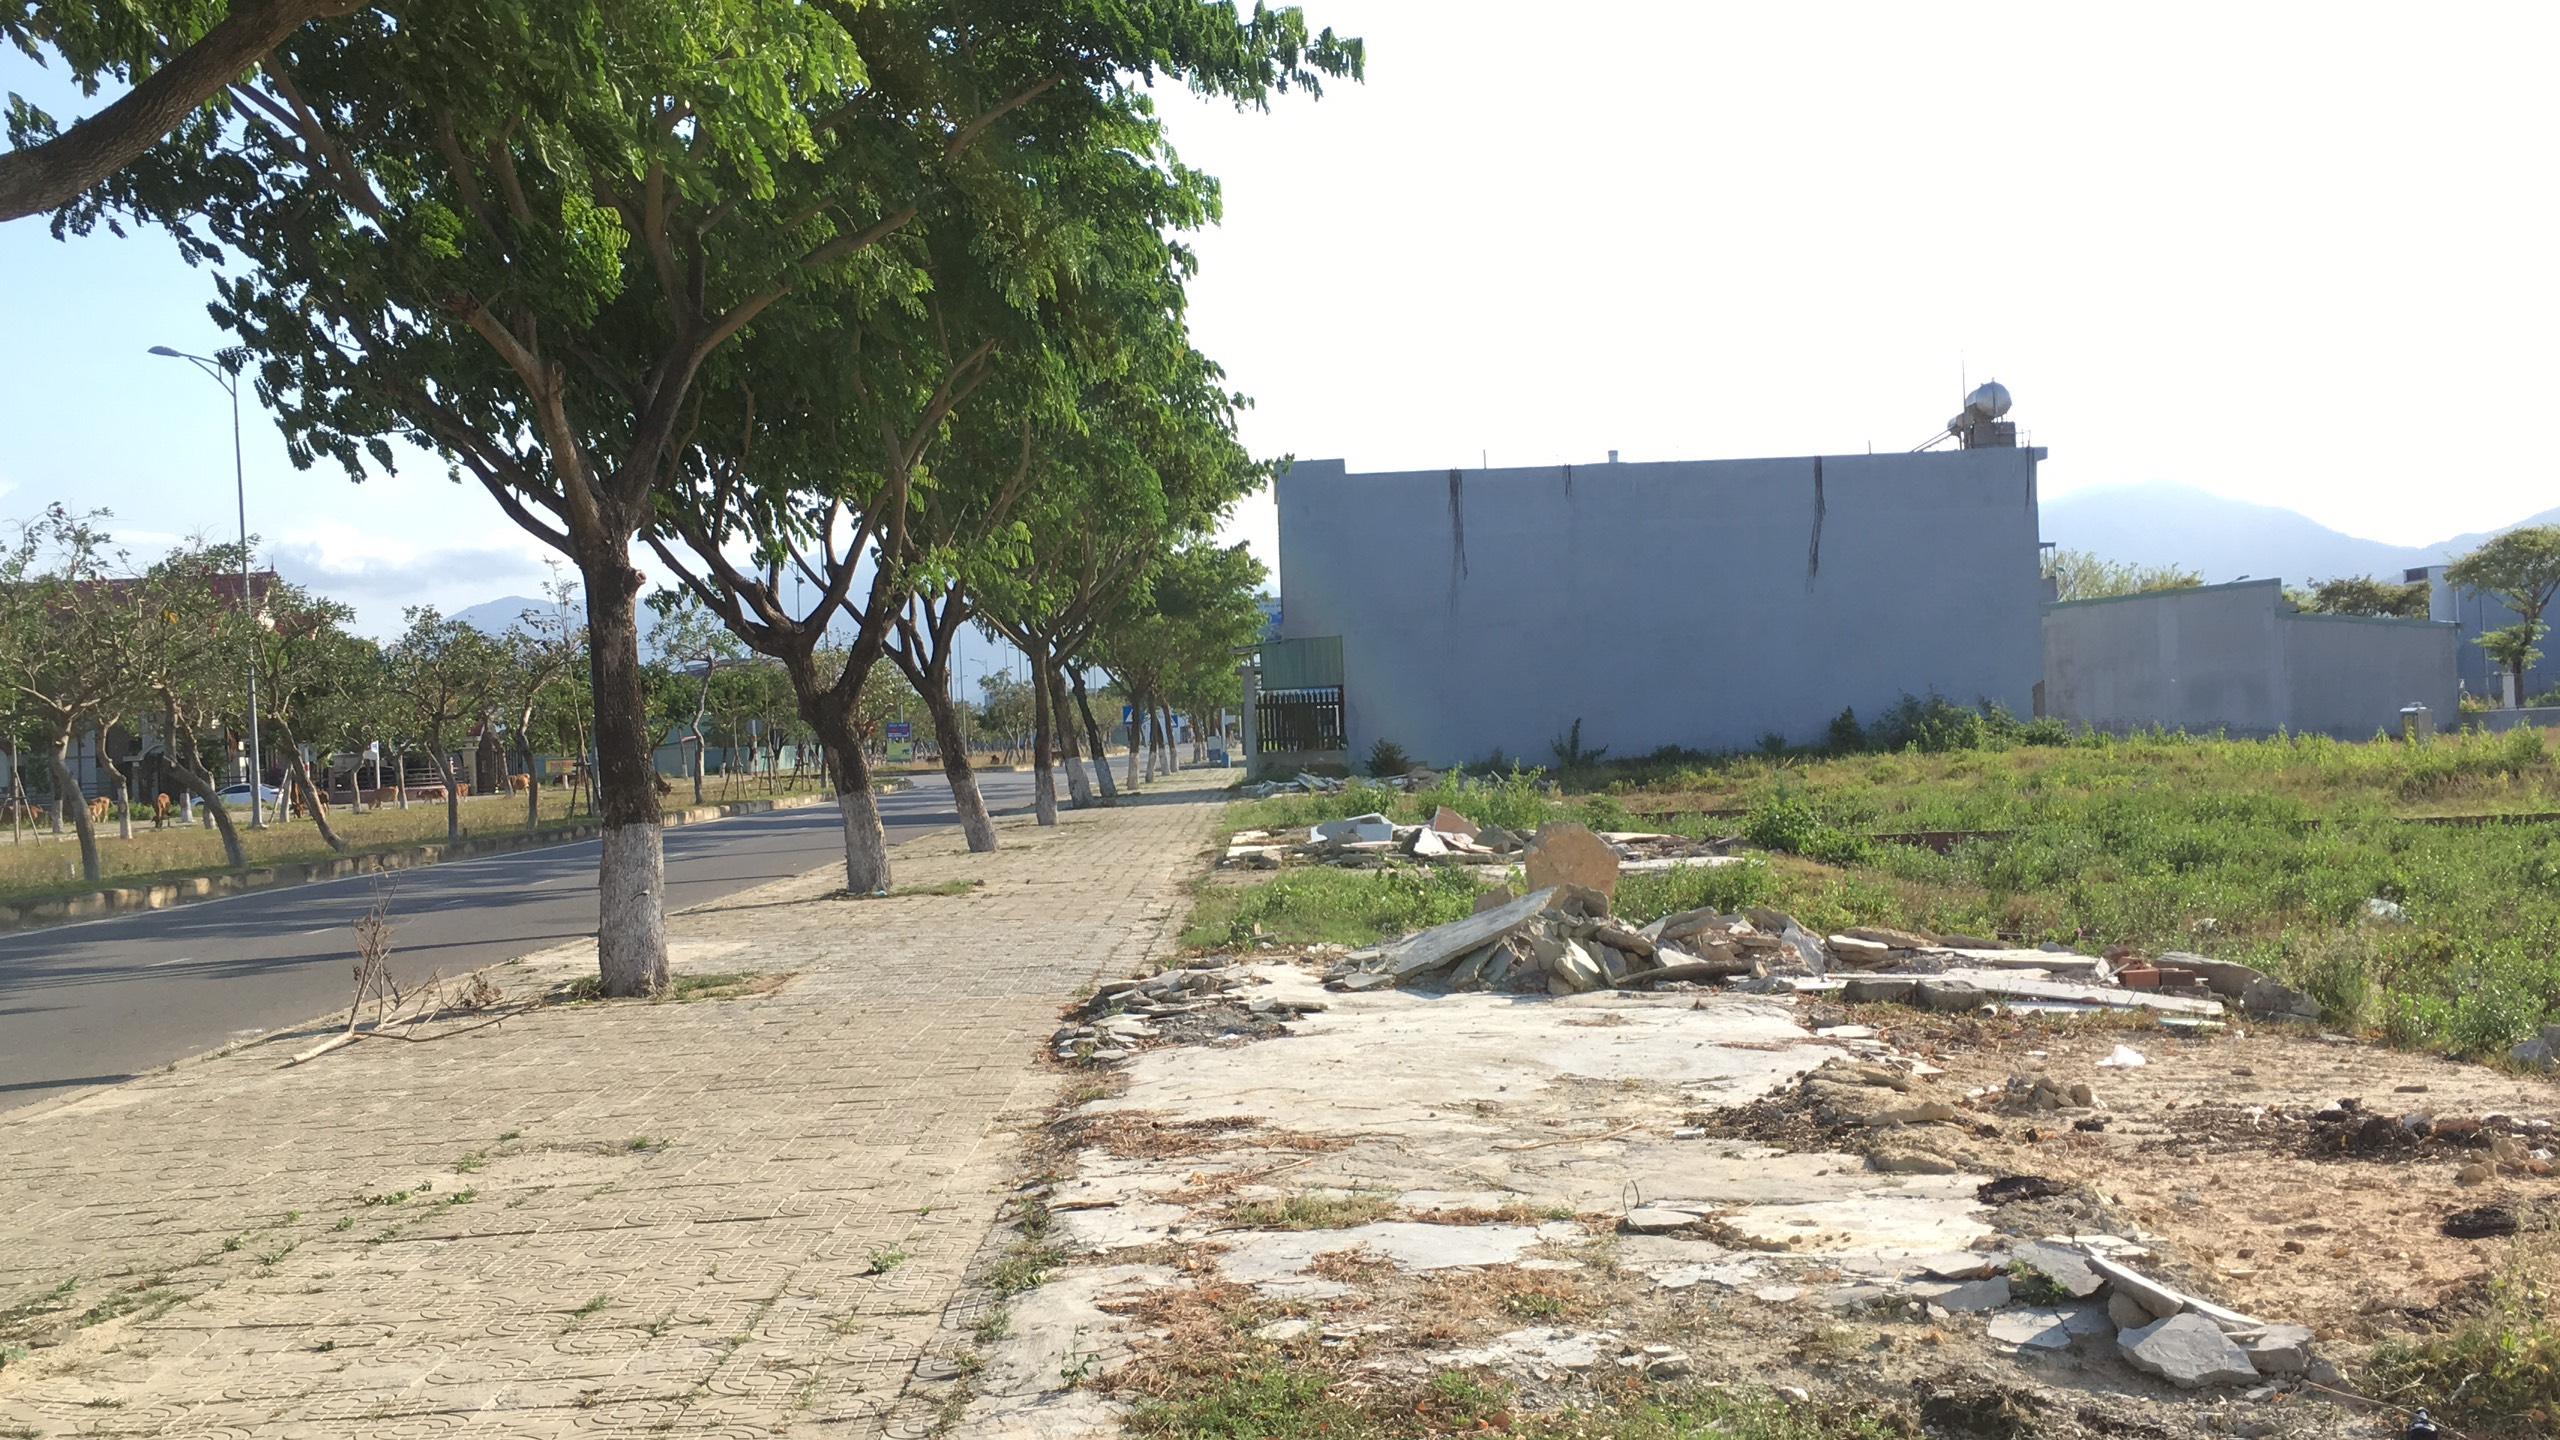 Trở lại nơi sốt đất ở Đà Nẵng, ki ốt bị dẹp hàng loạt, các dự án không bóng người - Ảnh 3.